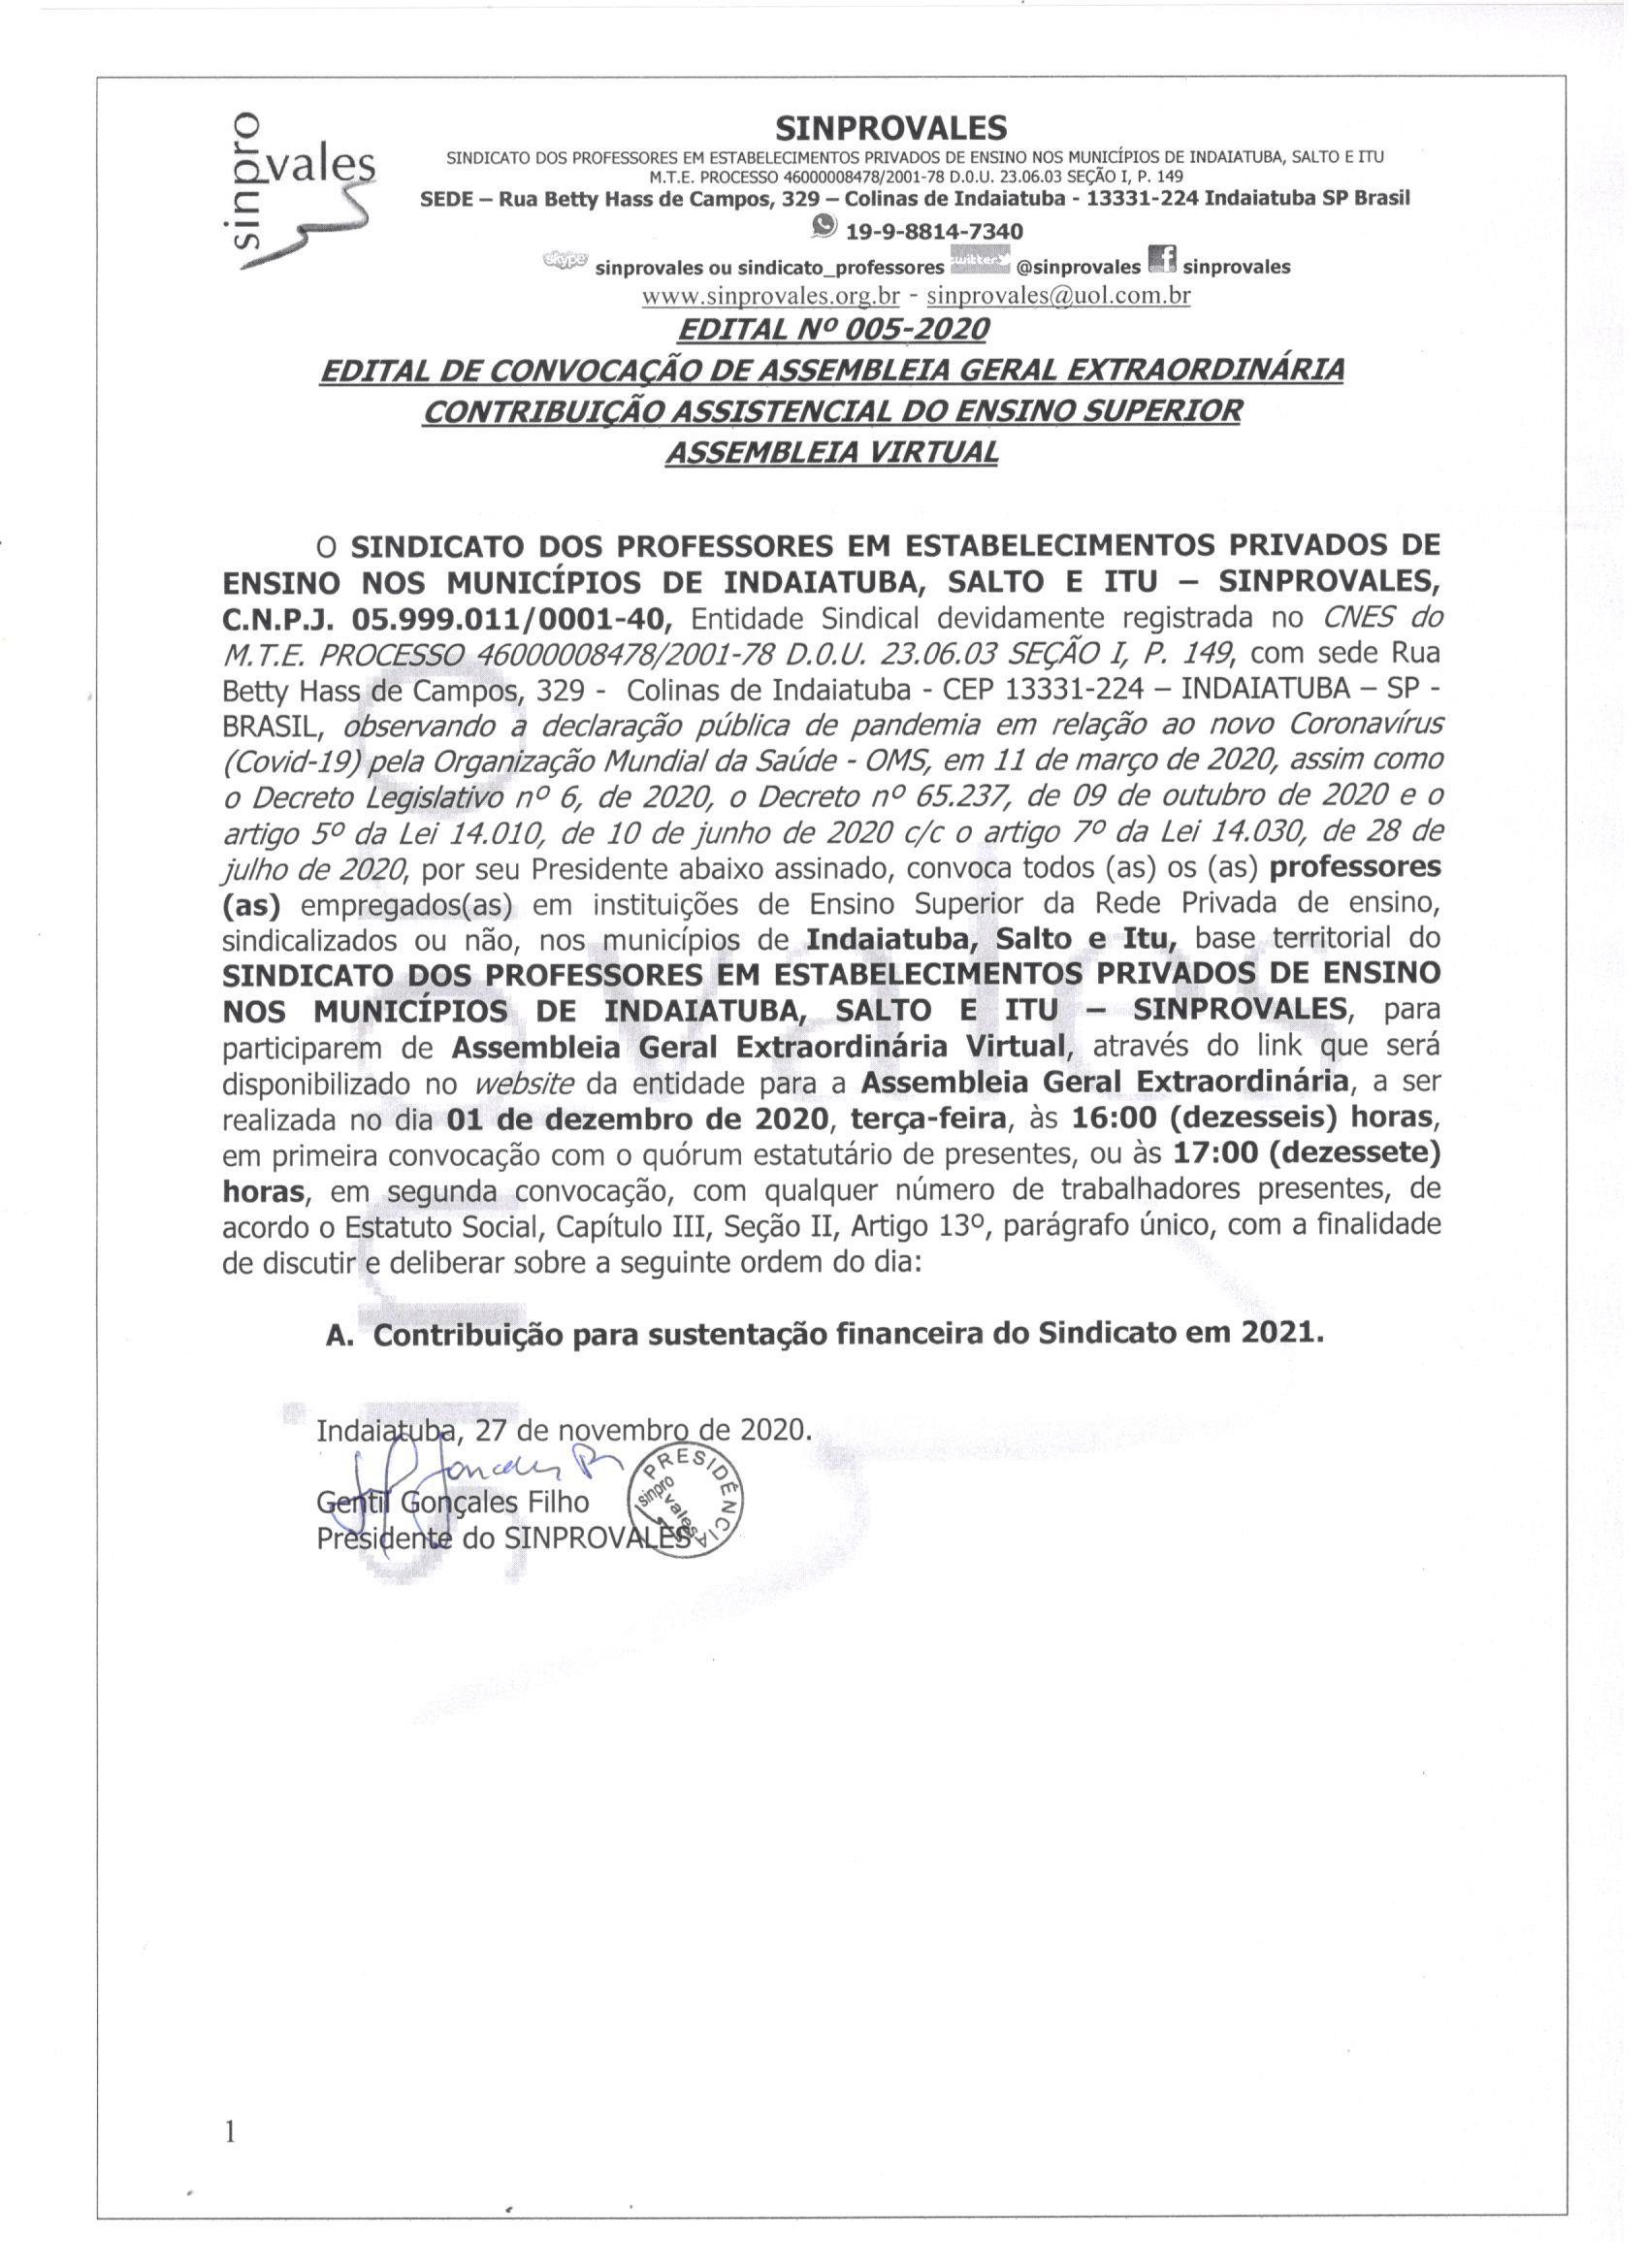 CONTRIBUIÇÃO ASSISTENCIAL ENSINO SUPERIOR 2021